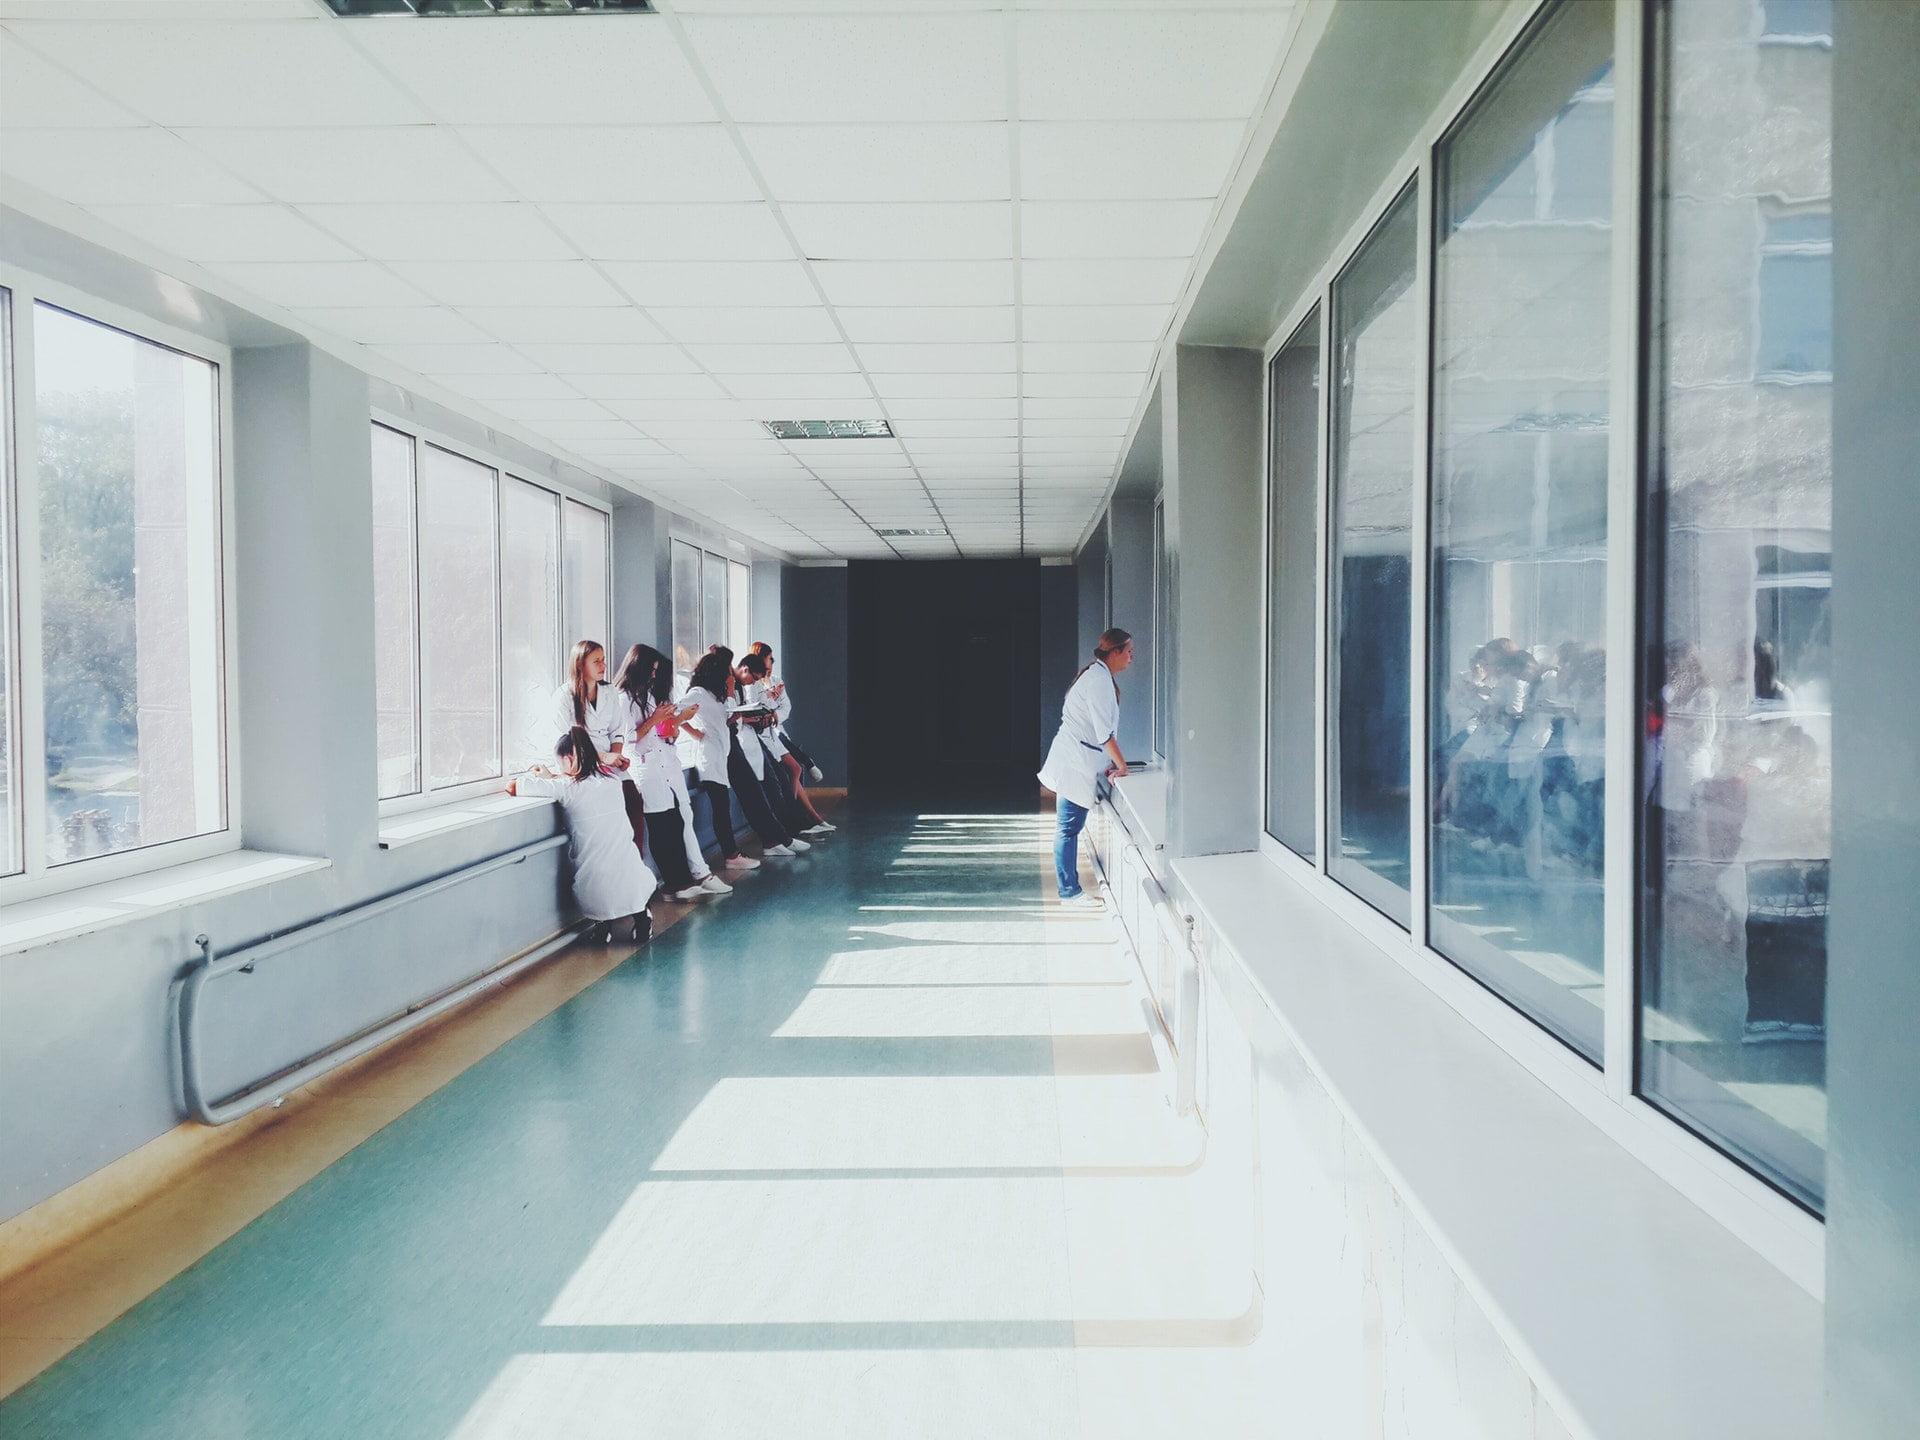 為何醫院是財團法人就不用繳稅?財團必不義!